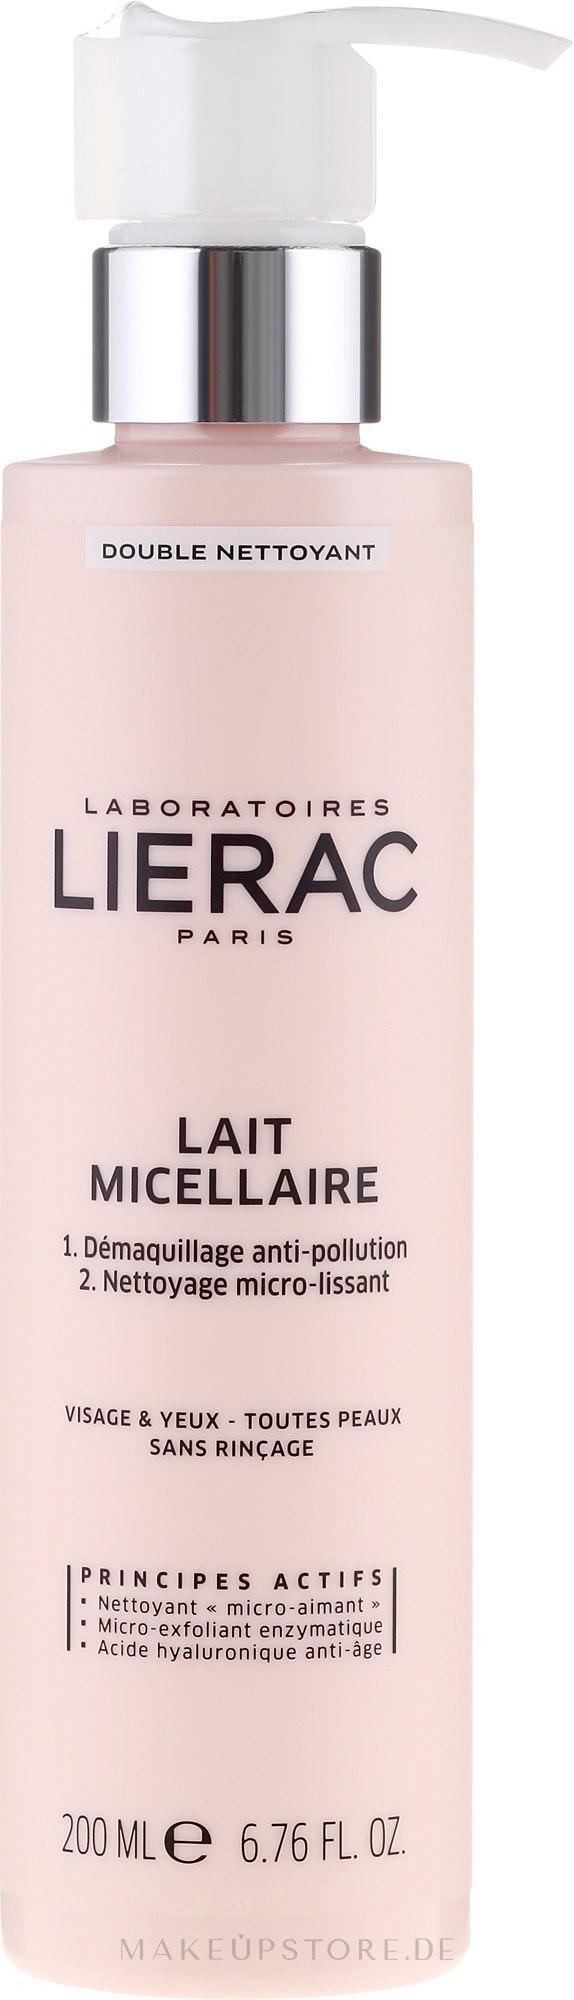 Mizellenmilch zum Abschminken - Lierac Double Nettoyant Lait Micellaire — Bild 200 ml